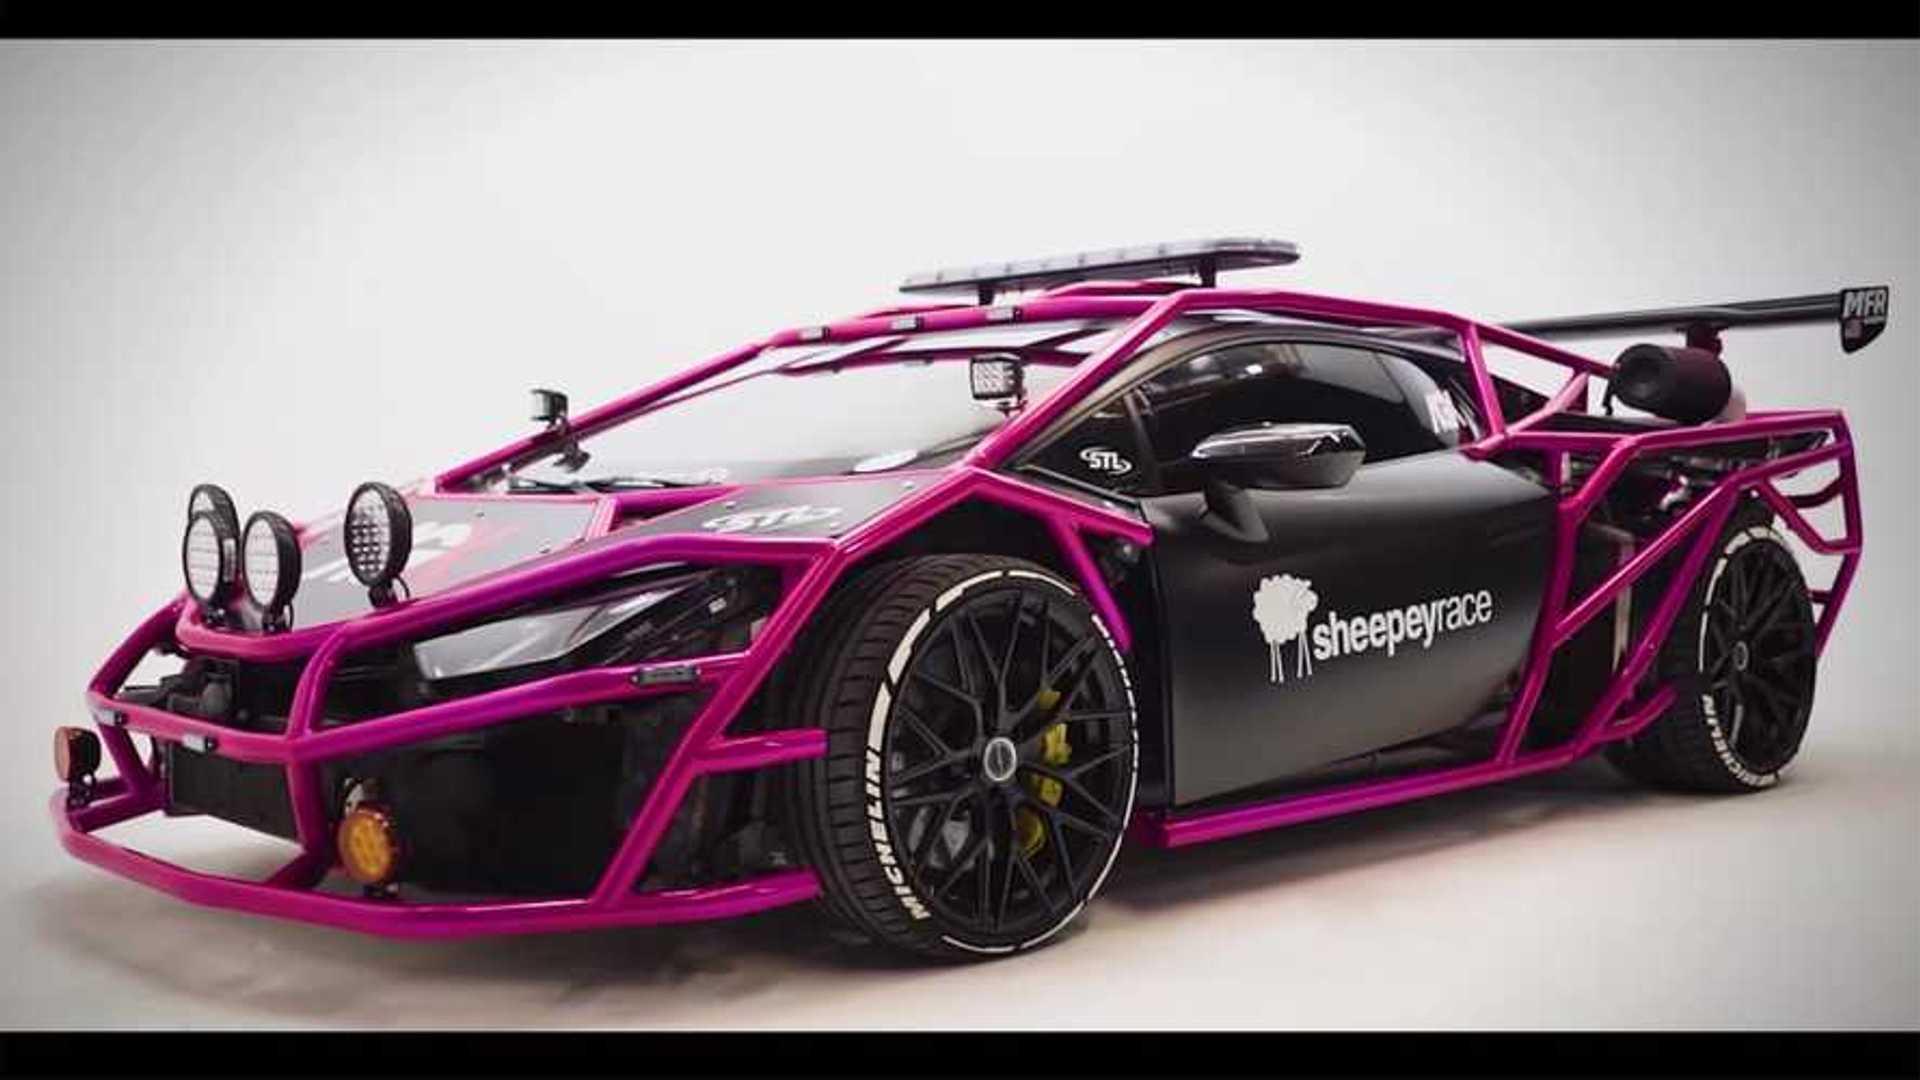 Twin Turbo Lamborghini Huracan Rally Car Will Upset Purists